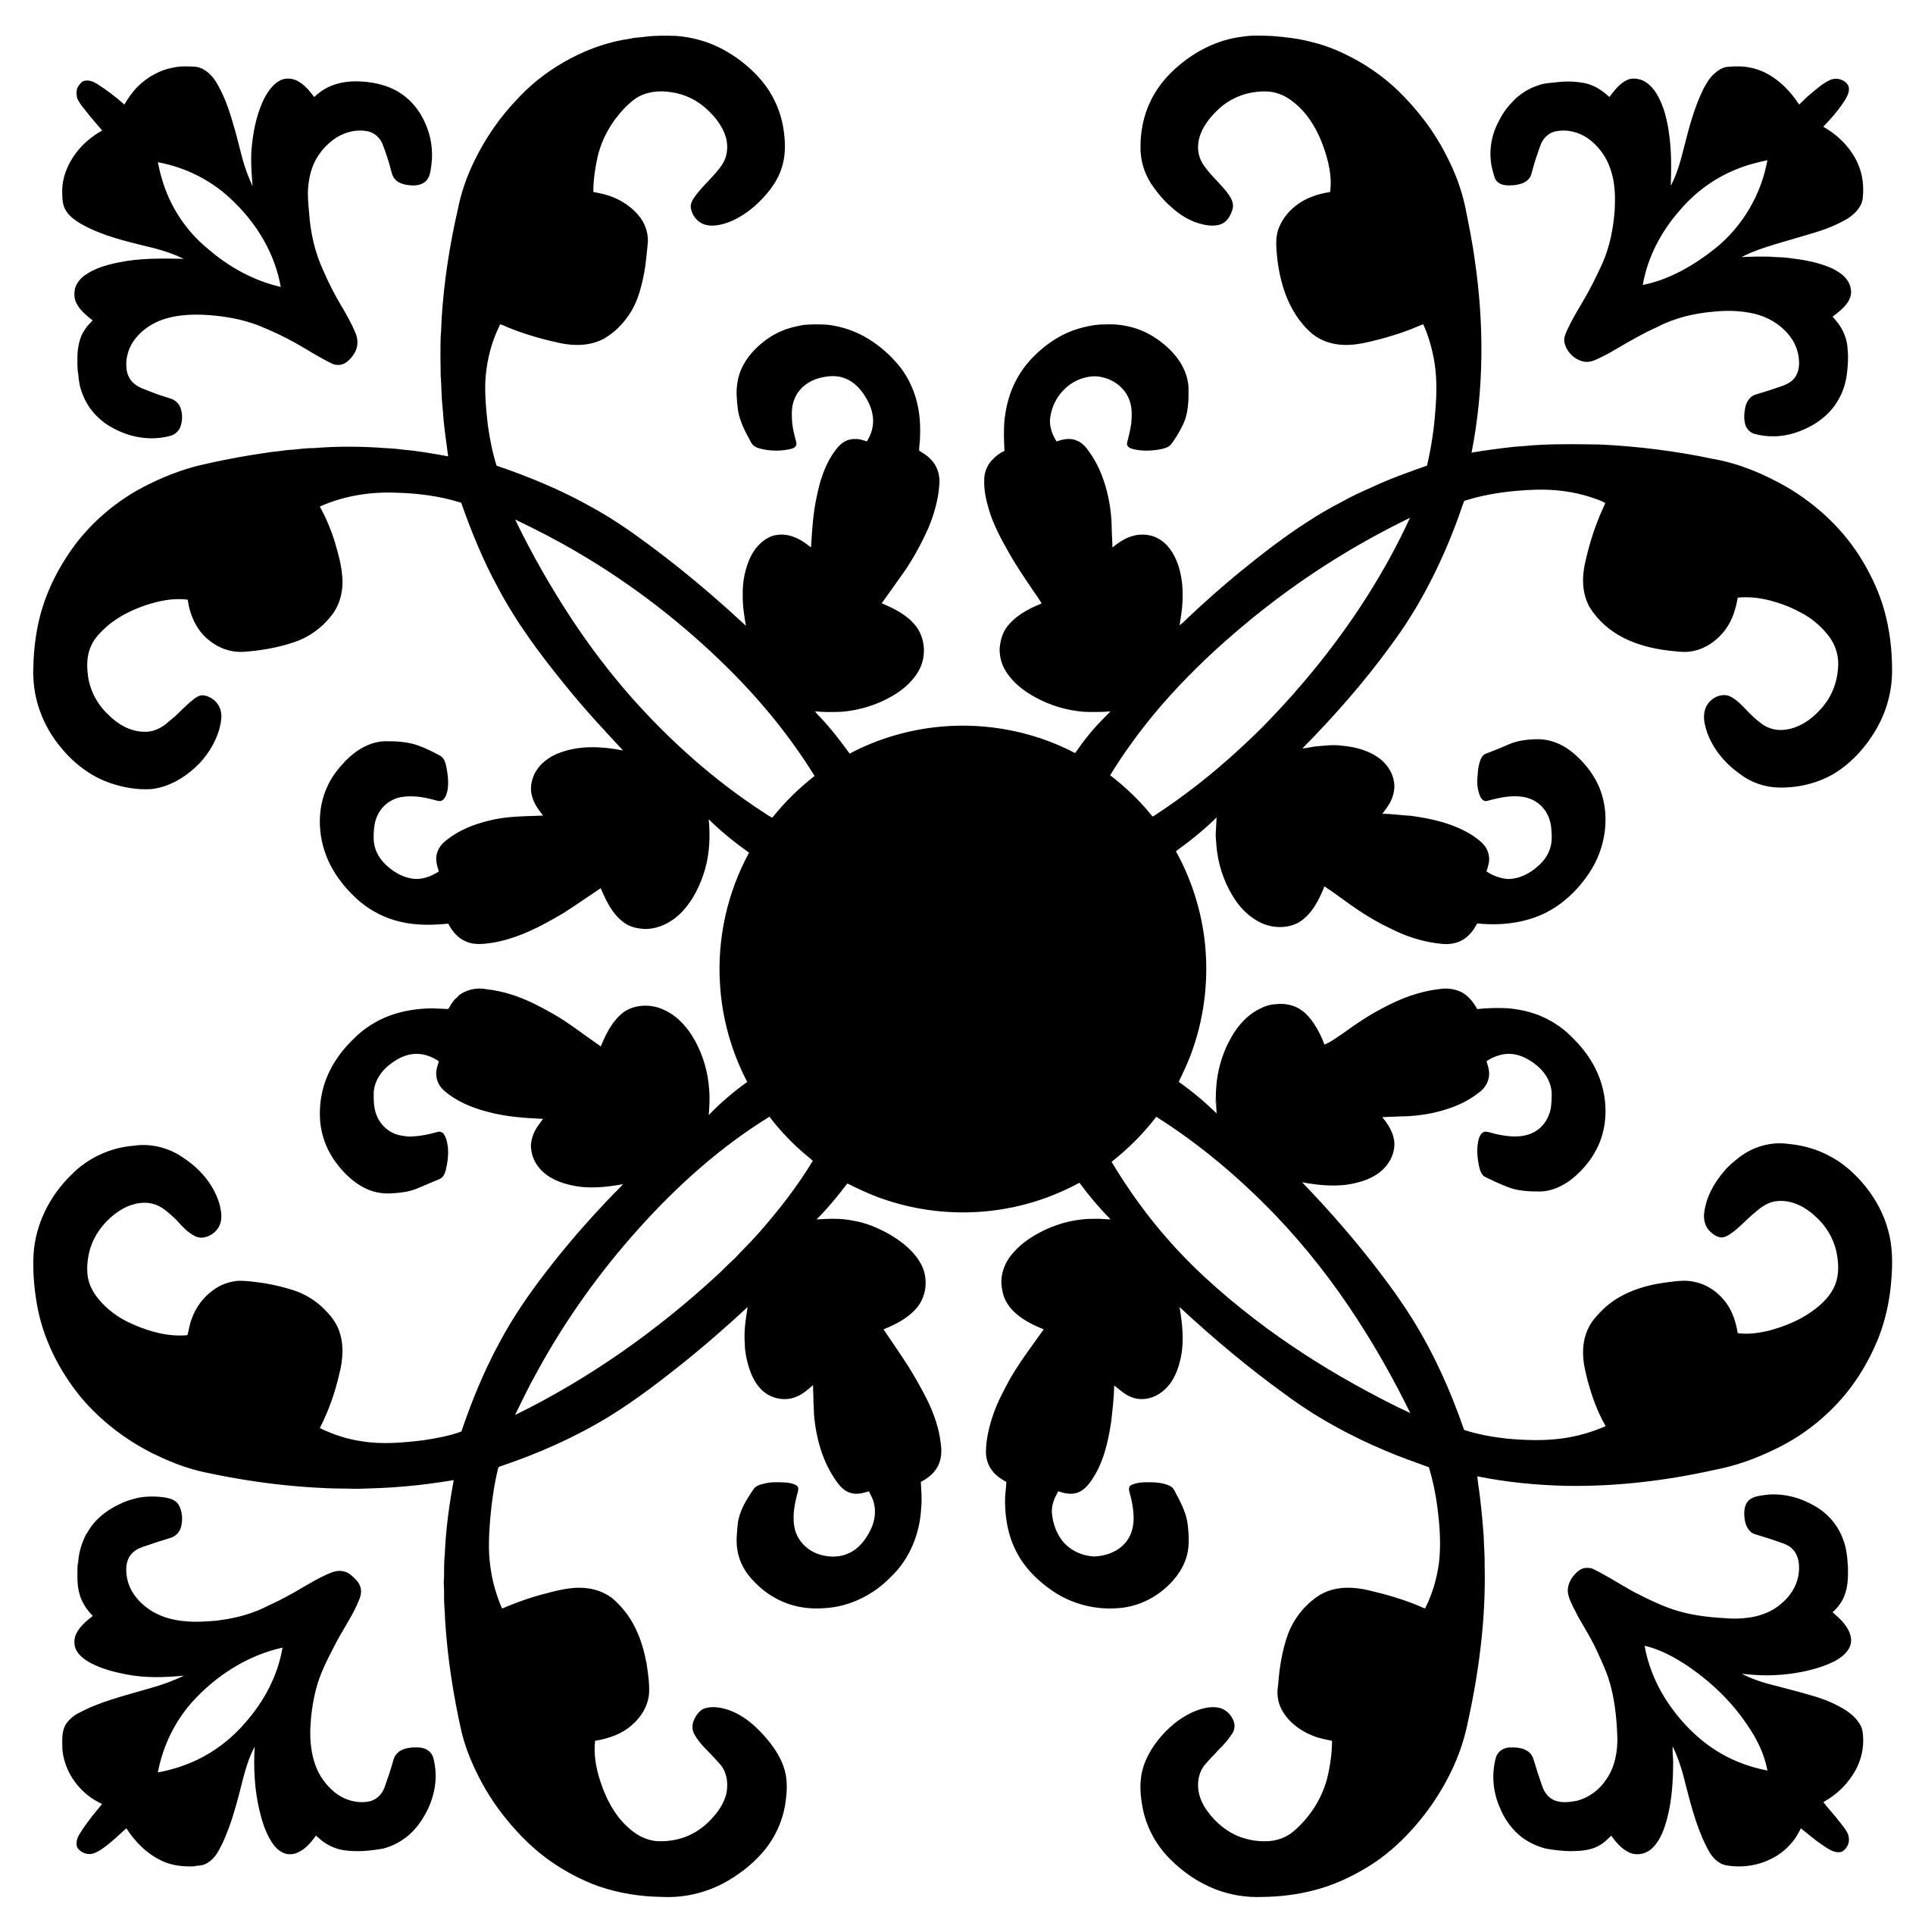 Flourish design silhouette droide. Button clipart ornamental